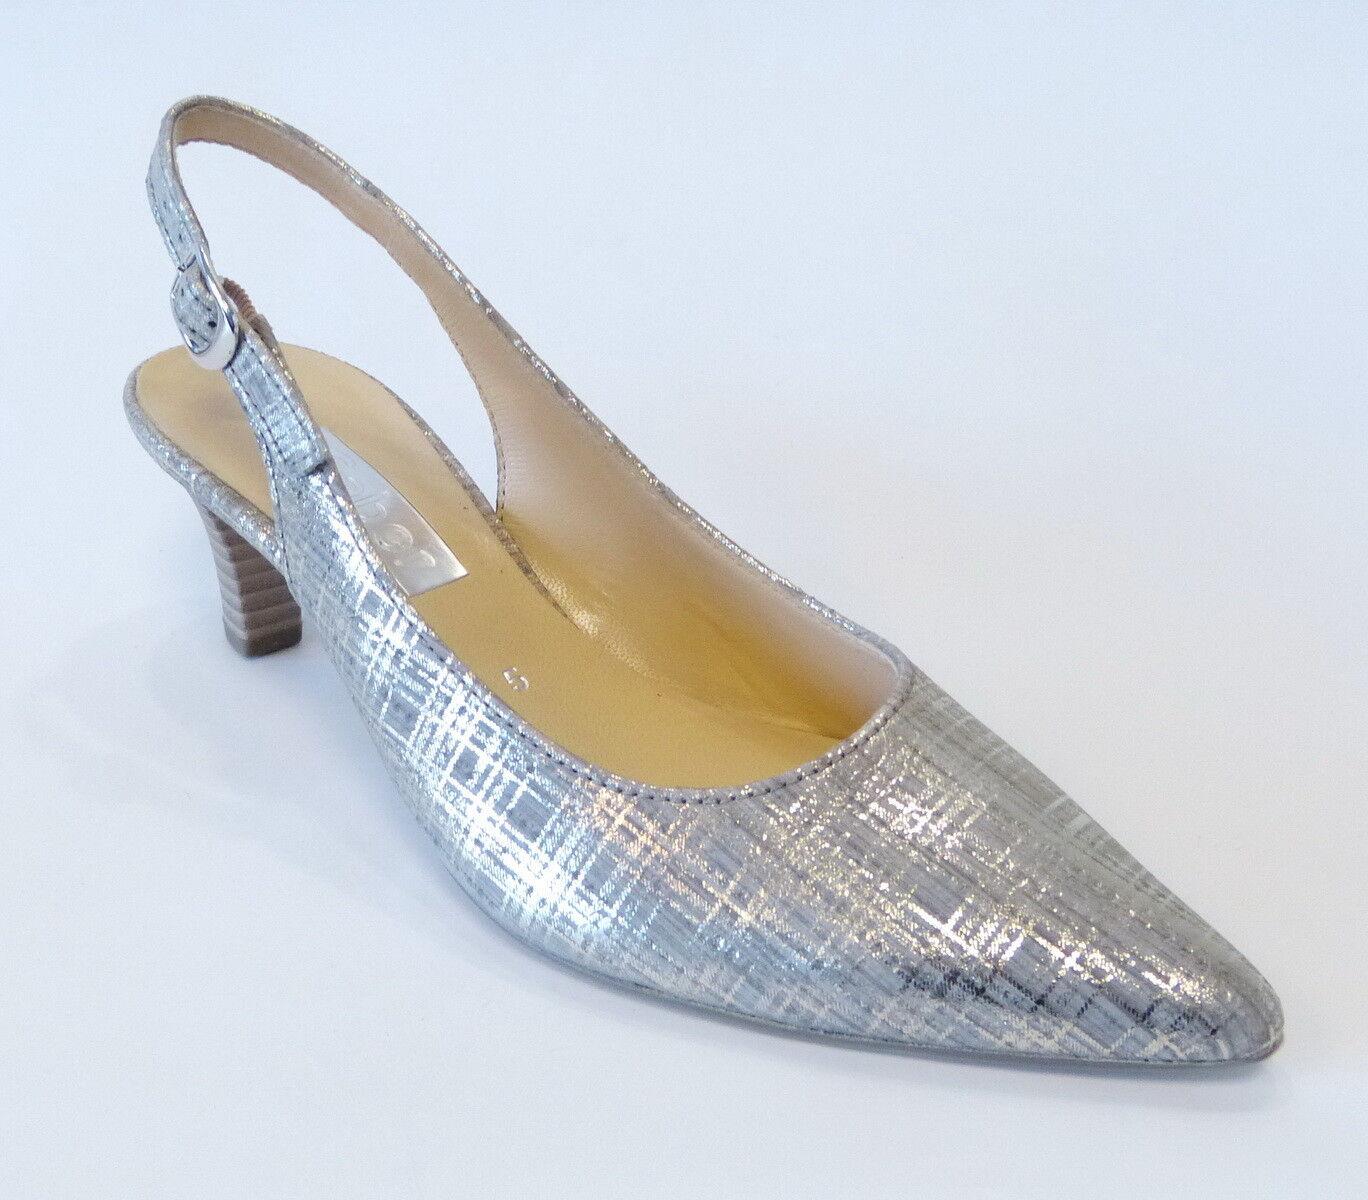 Gabor Absatz Sling Pumps Sandale 550 31 argento silber Schnalle Nubuk Leder